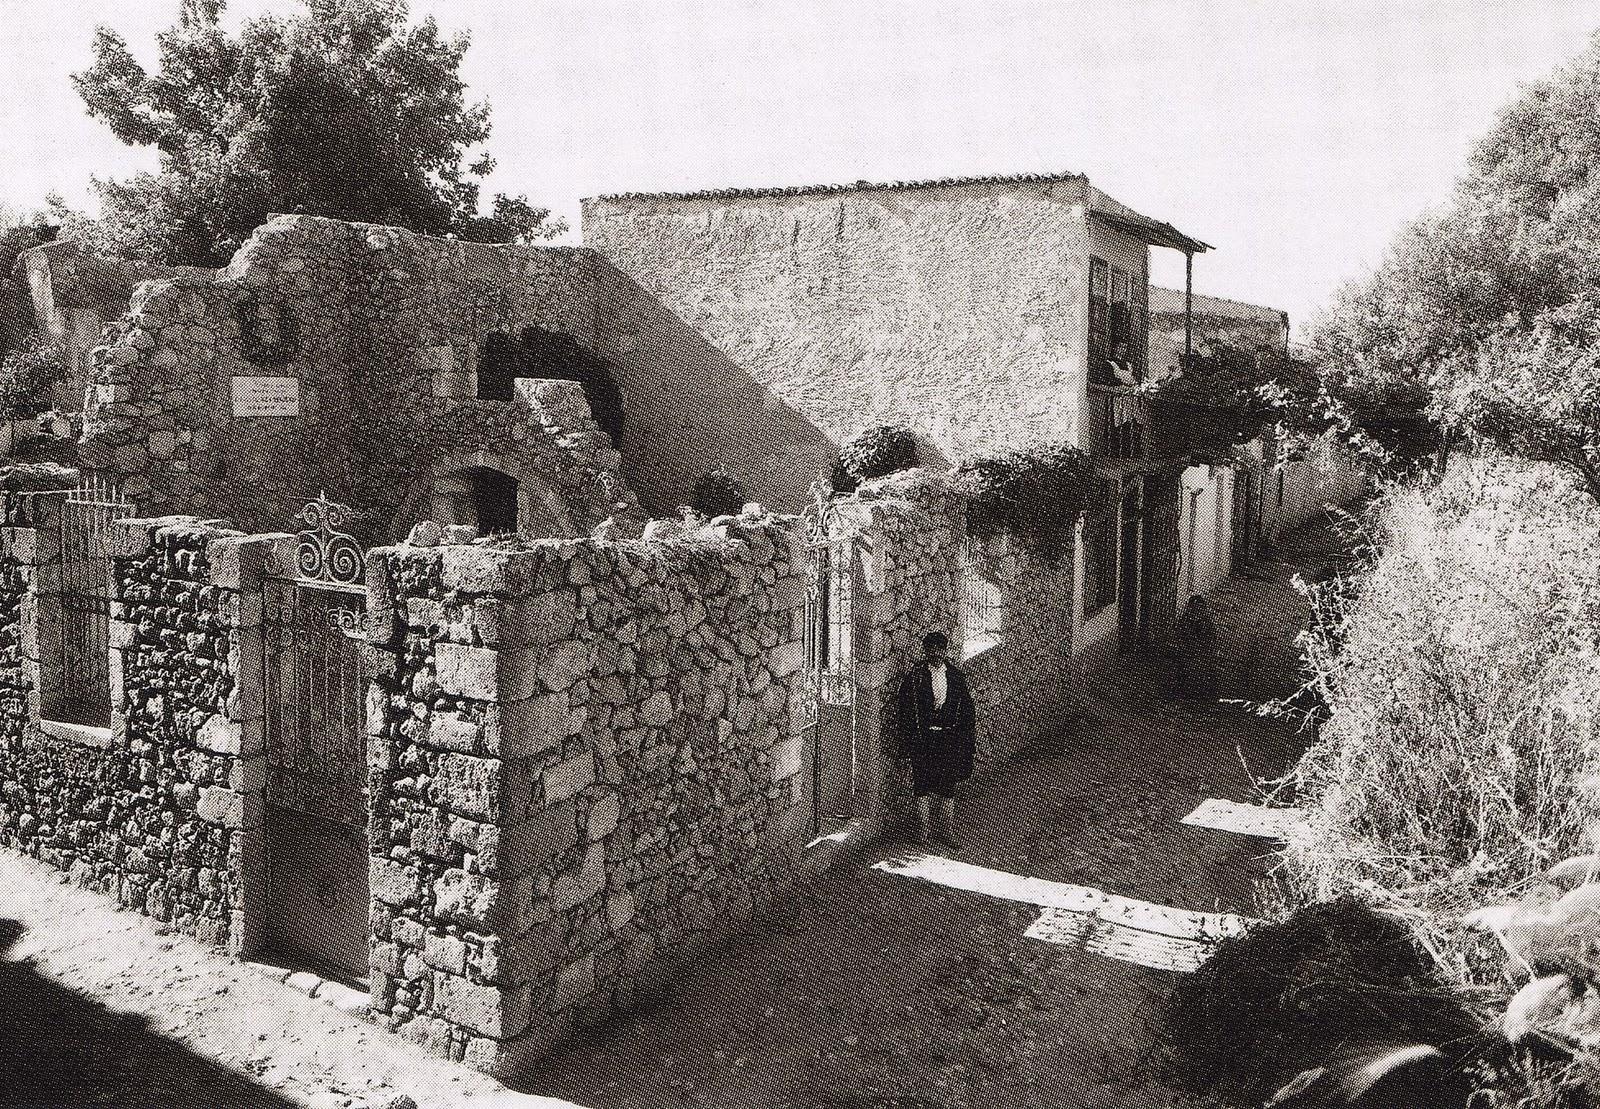 Μουρνιές Χανίων - Το σπίτι του Ελευθέριου Βενιζέλου - 1911